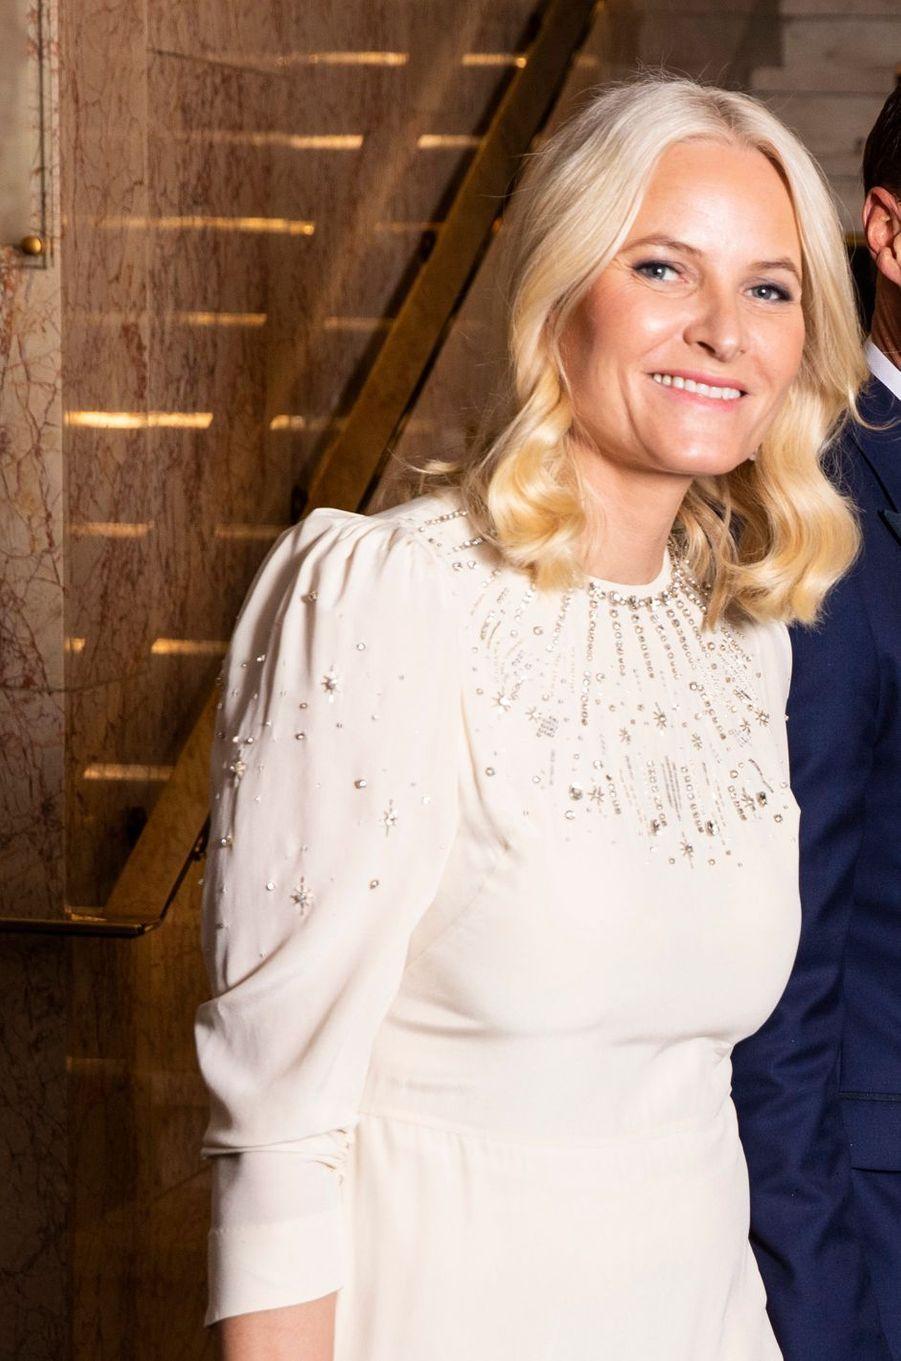 La princesse Mette-Marit de Norvège, à Oslo le 10 décembre 2019